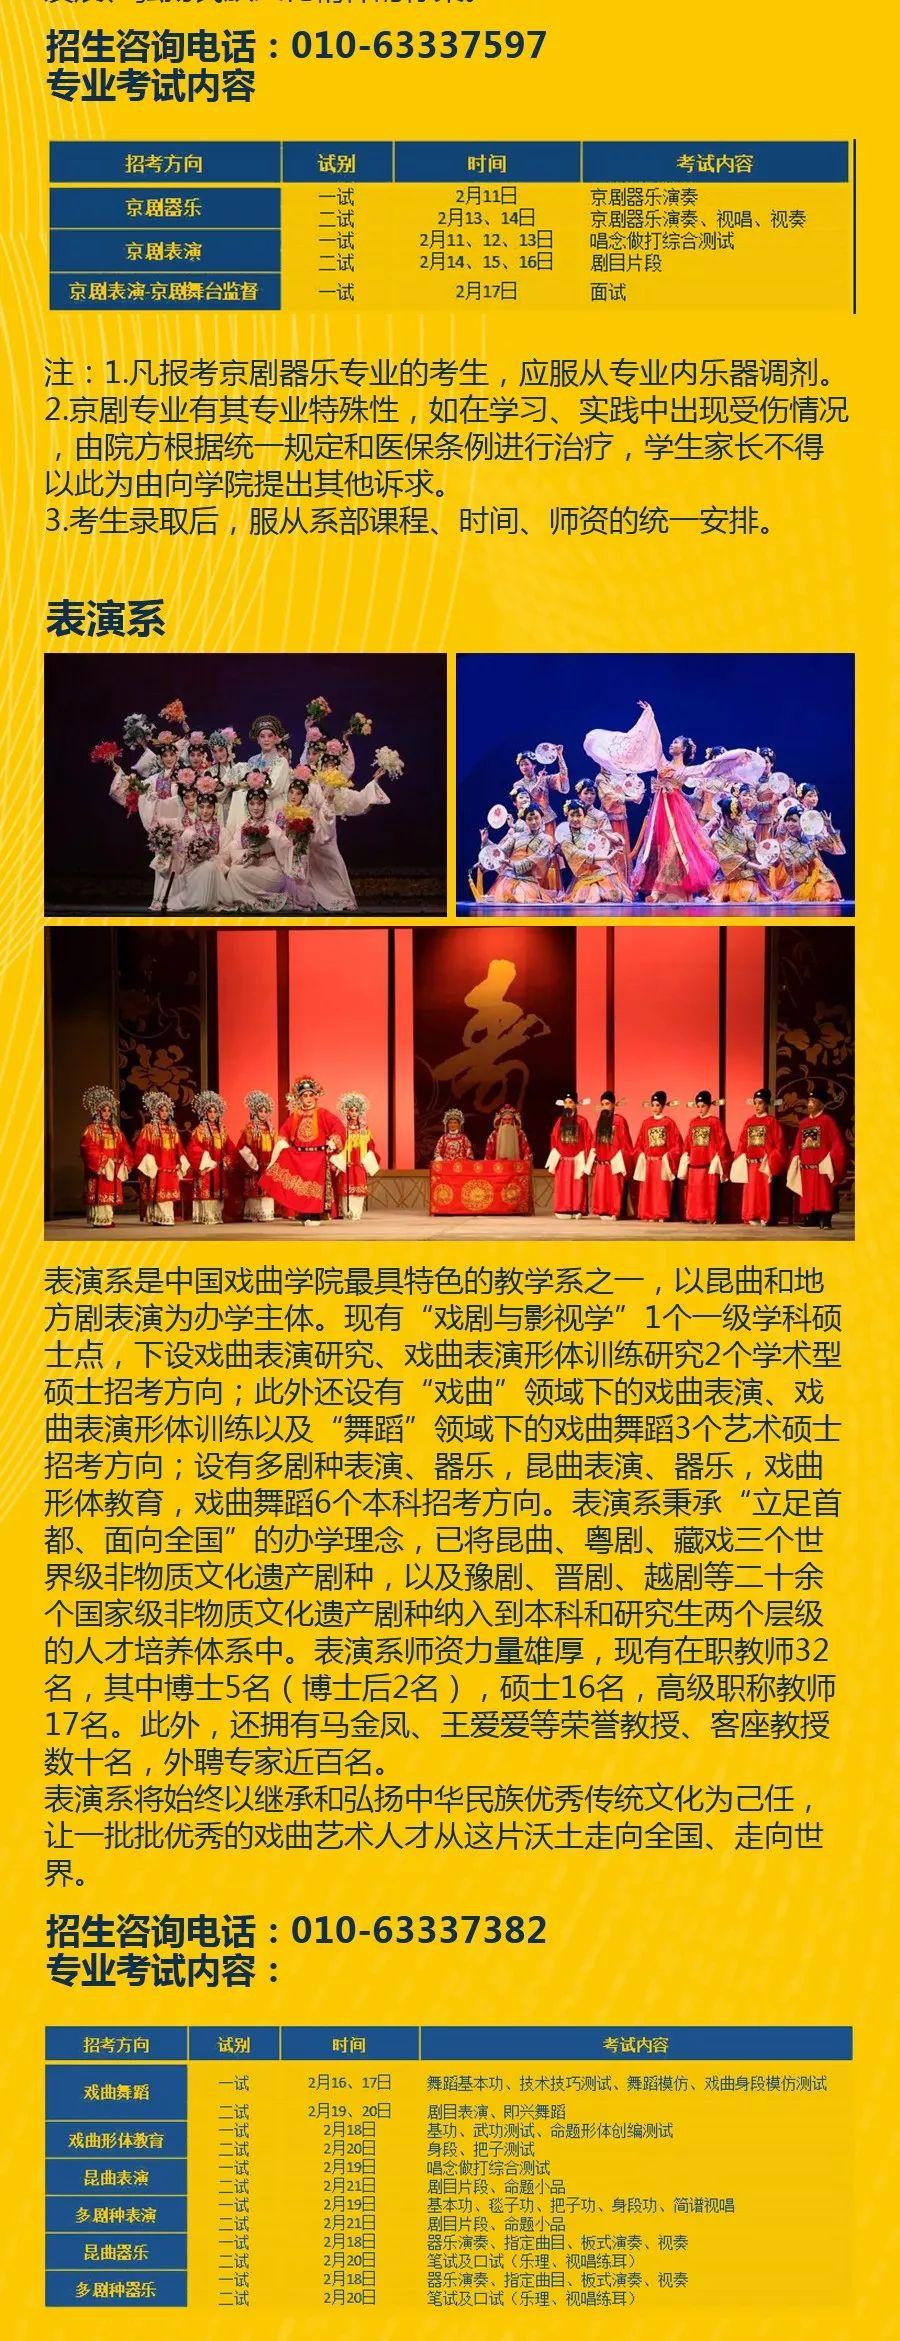 中国传媒大学,北京电影学院,中央戏剧学院,北京巅峰广艺画室       65